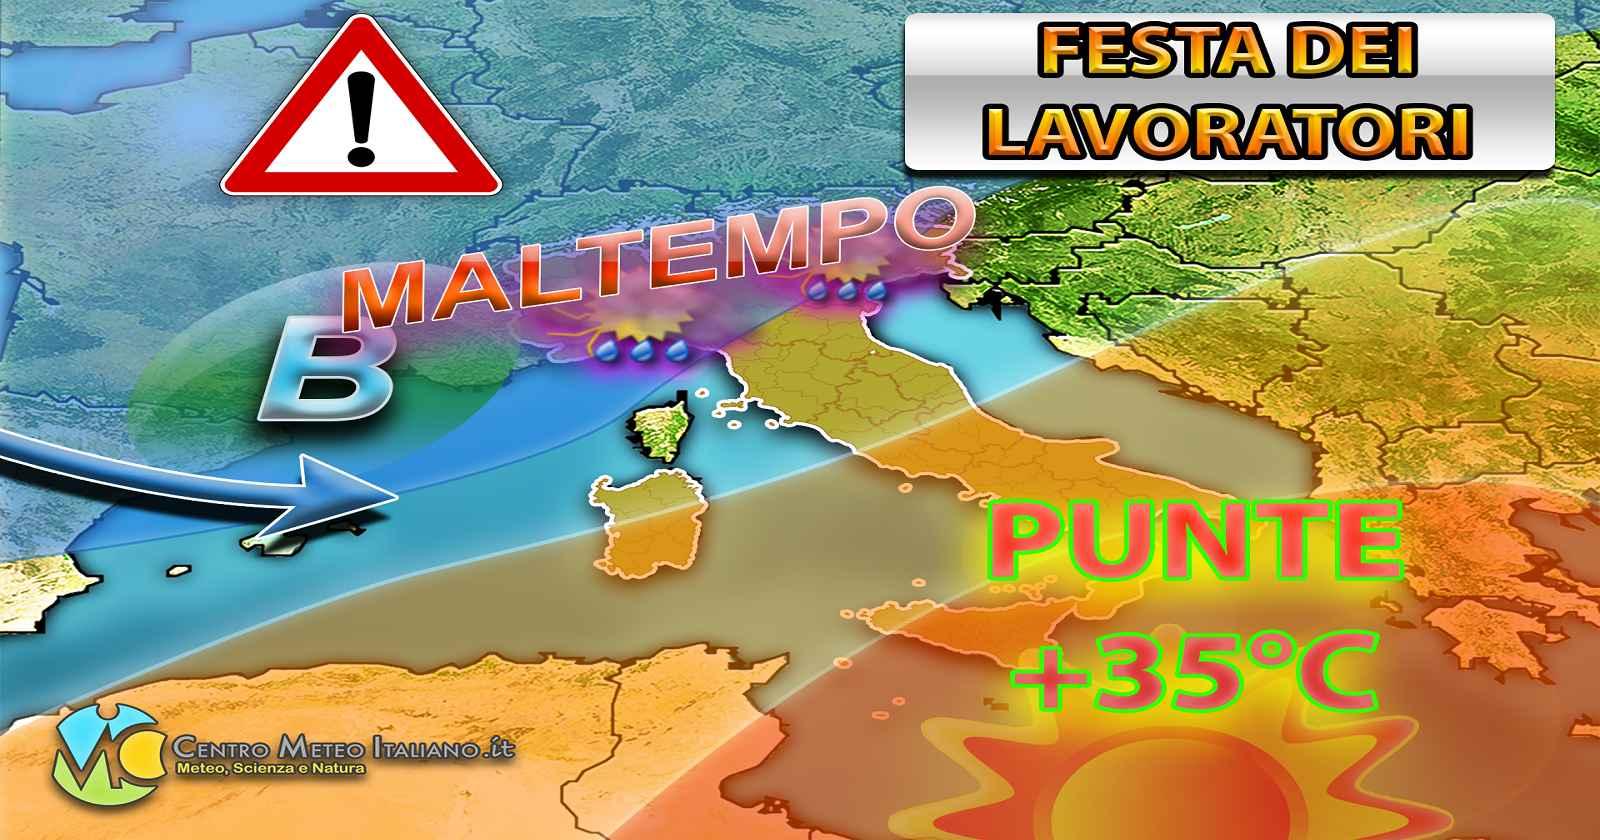 Il weekend della Festa dei Lavoratori sarà caratterizzato da caldo al sud e maltempo al nord